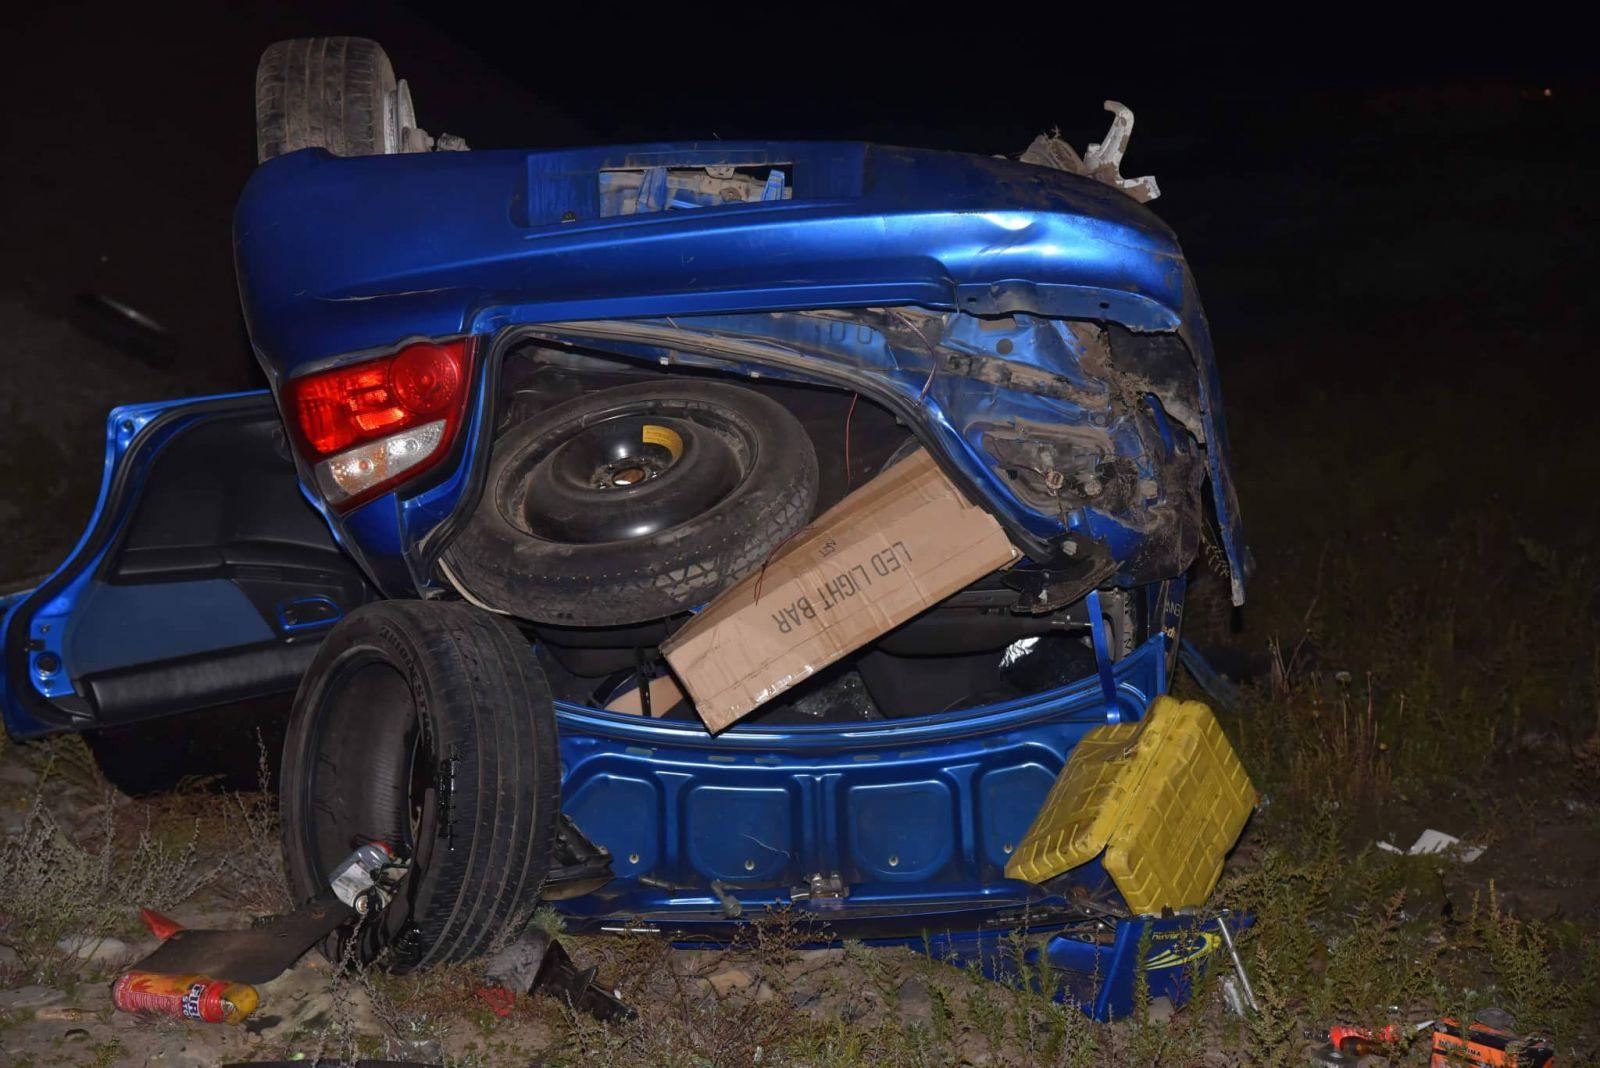 69687883_437751093615861_2536876008804450304_n Дрифт хийж байсан машин осолдож хоёр эмэгтэй, нэг эрэгтэй нас баржээ